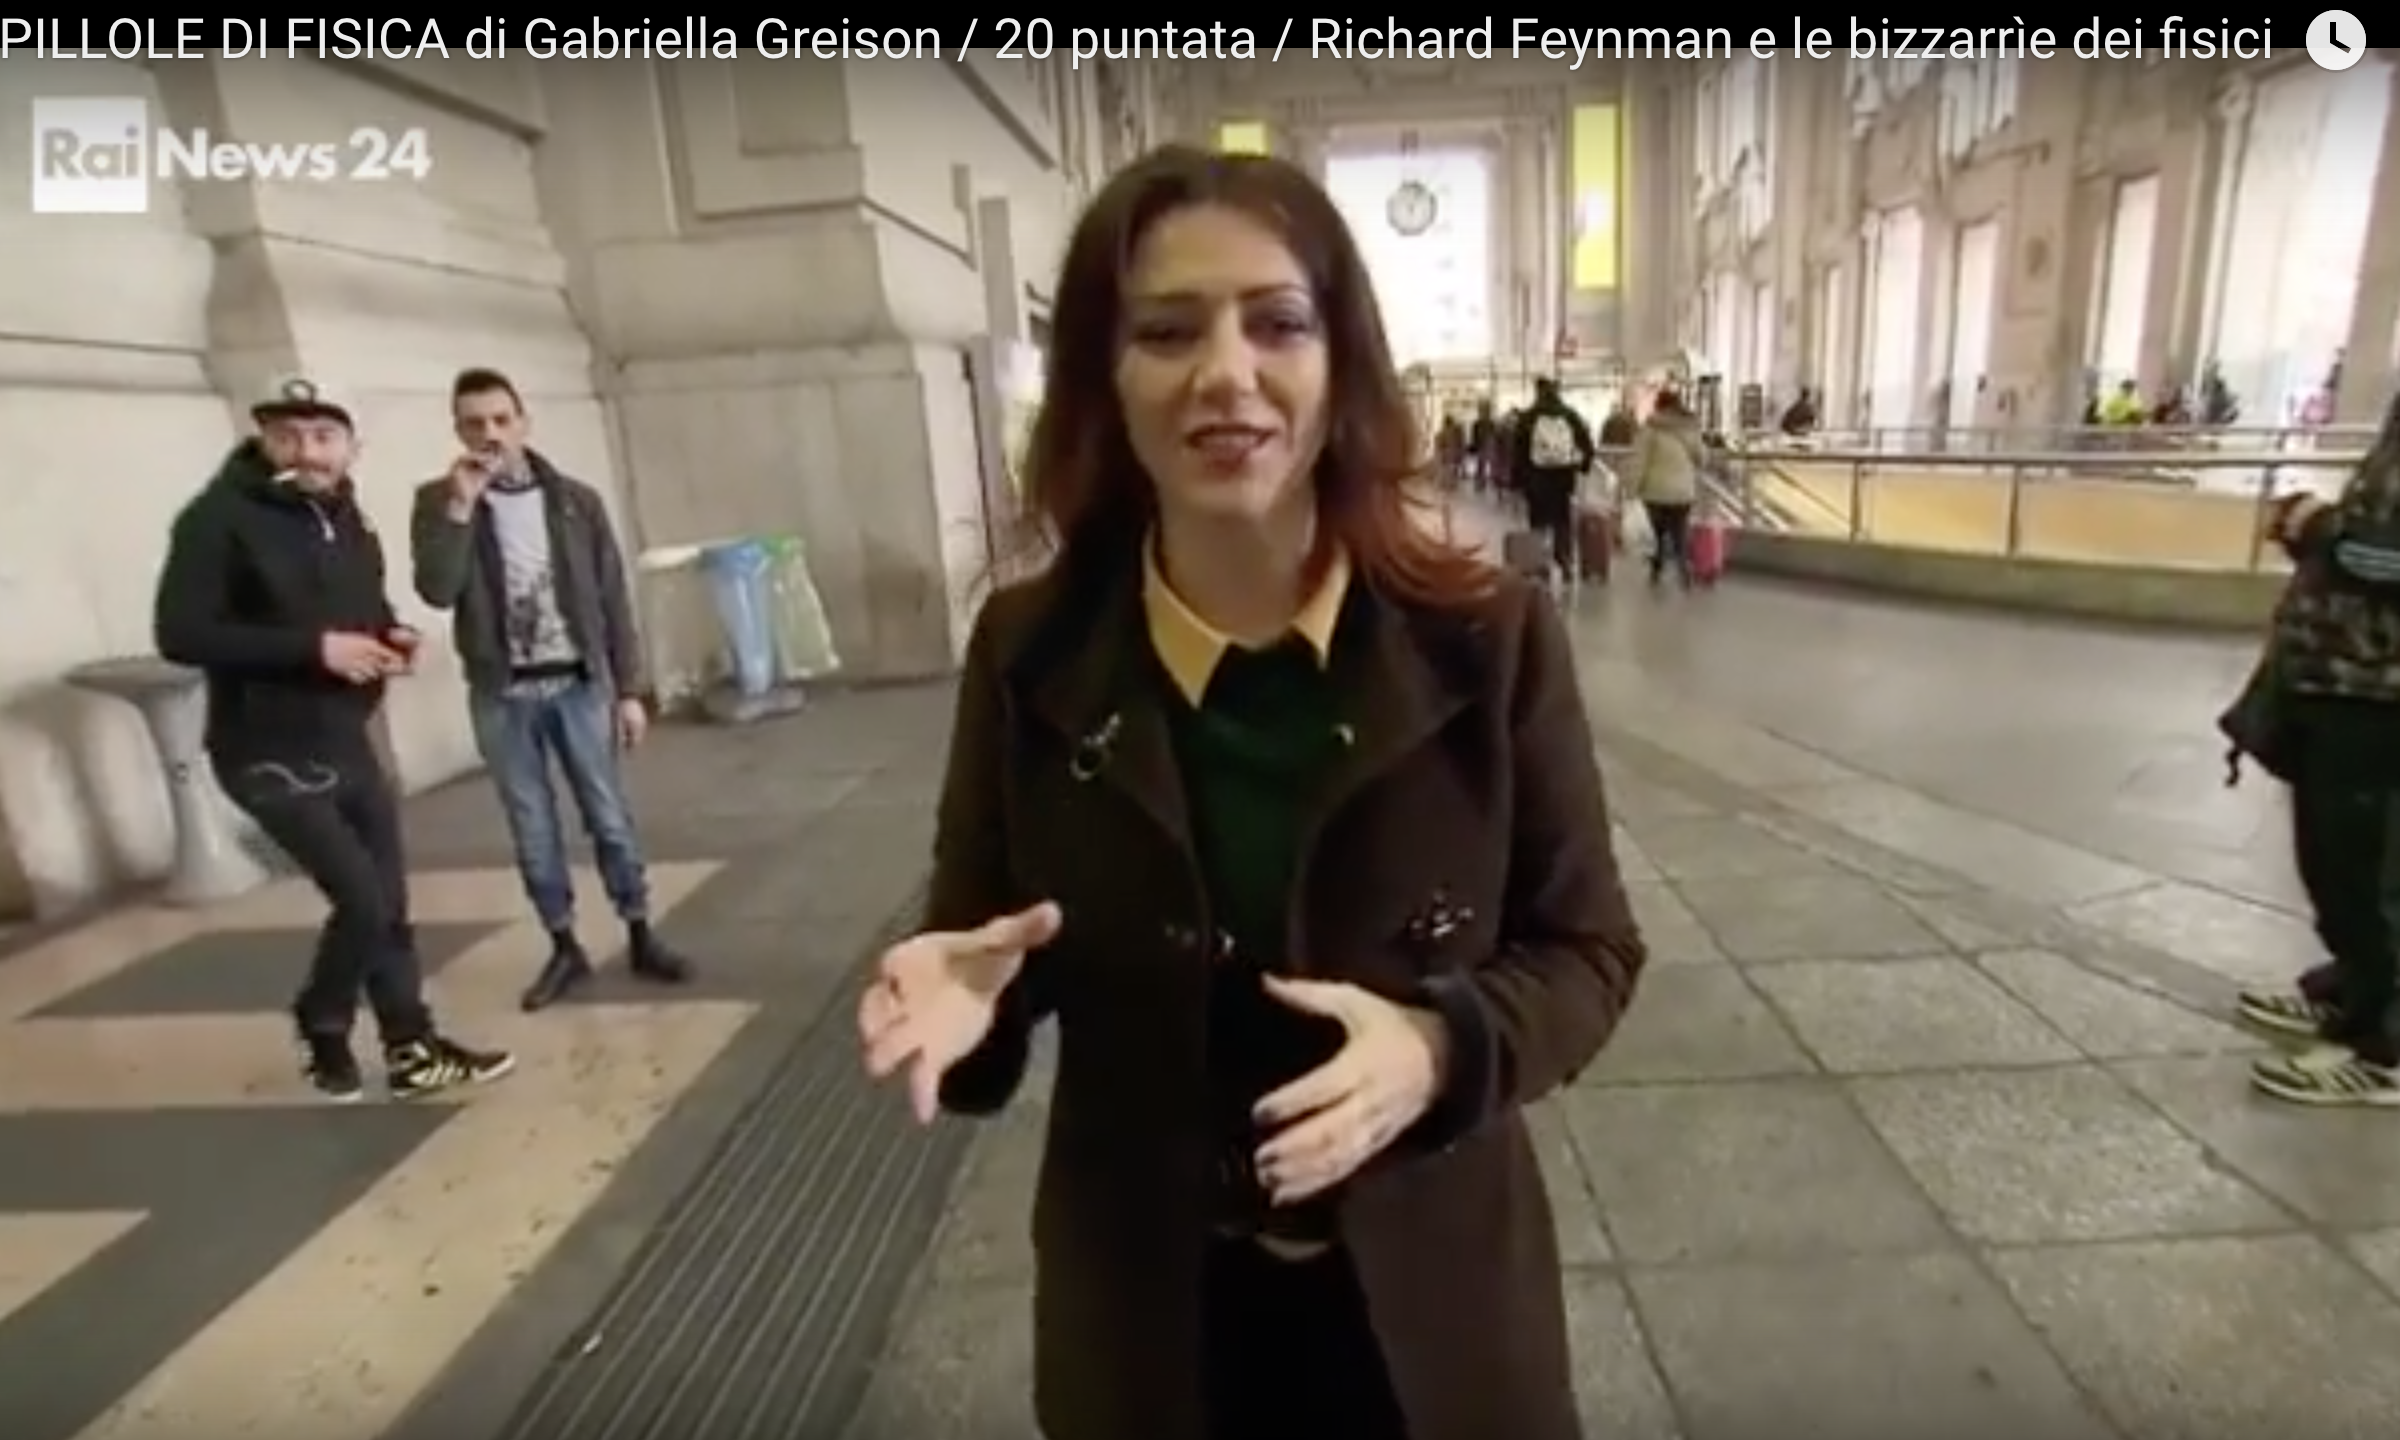 Penultima puntata delle mie PILLOLE DI FISICA in onda su RaiNews, parlo di Feynman!